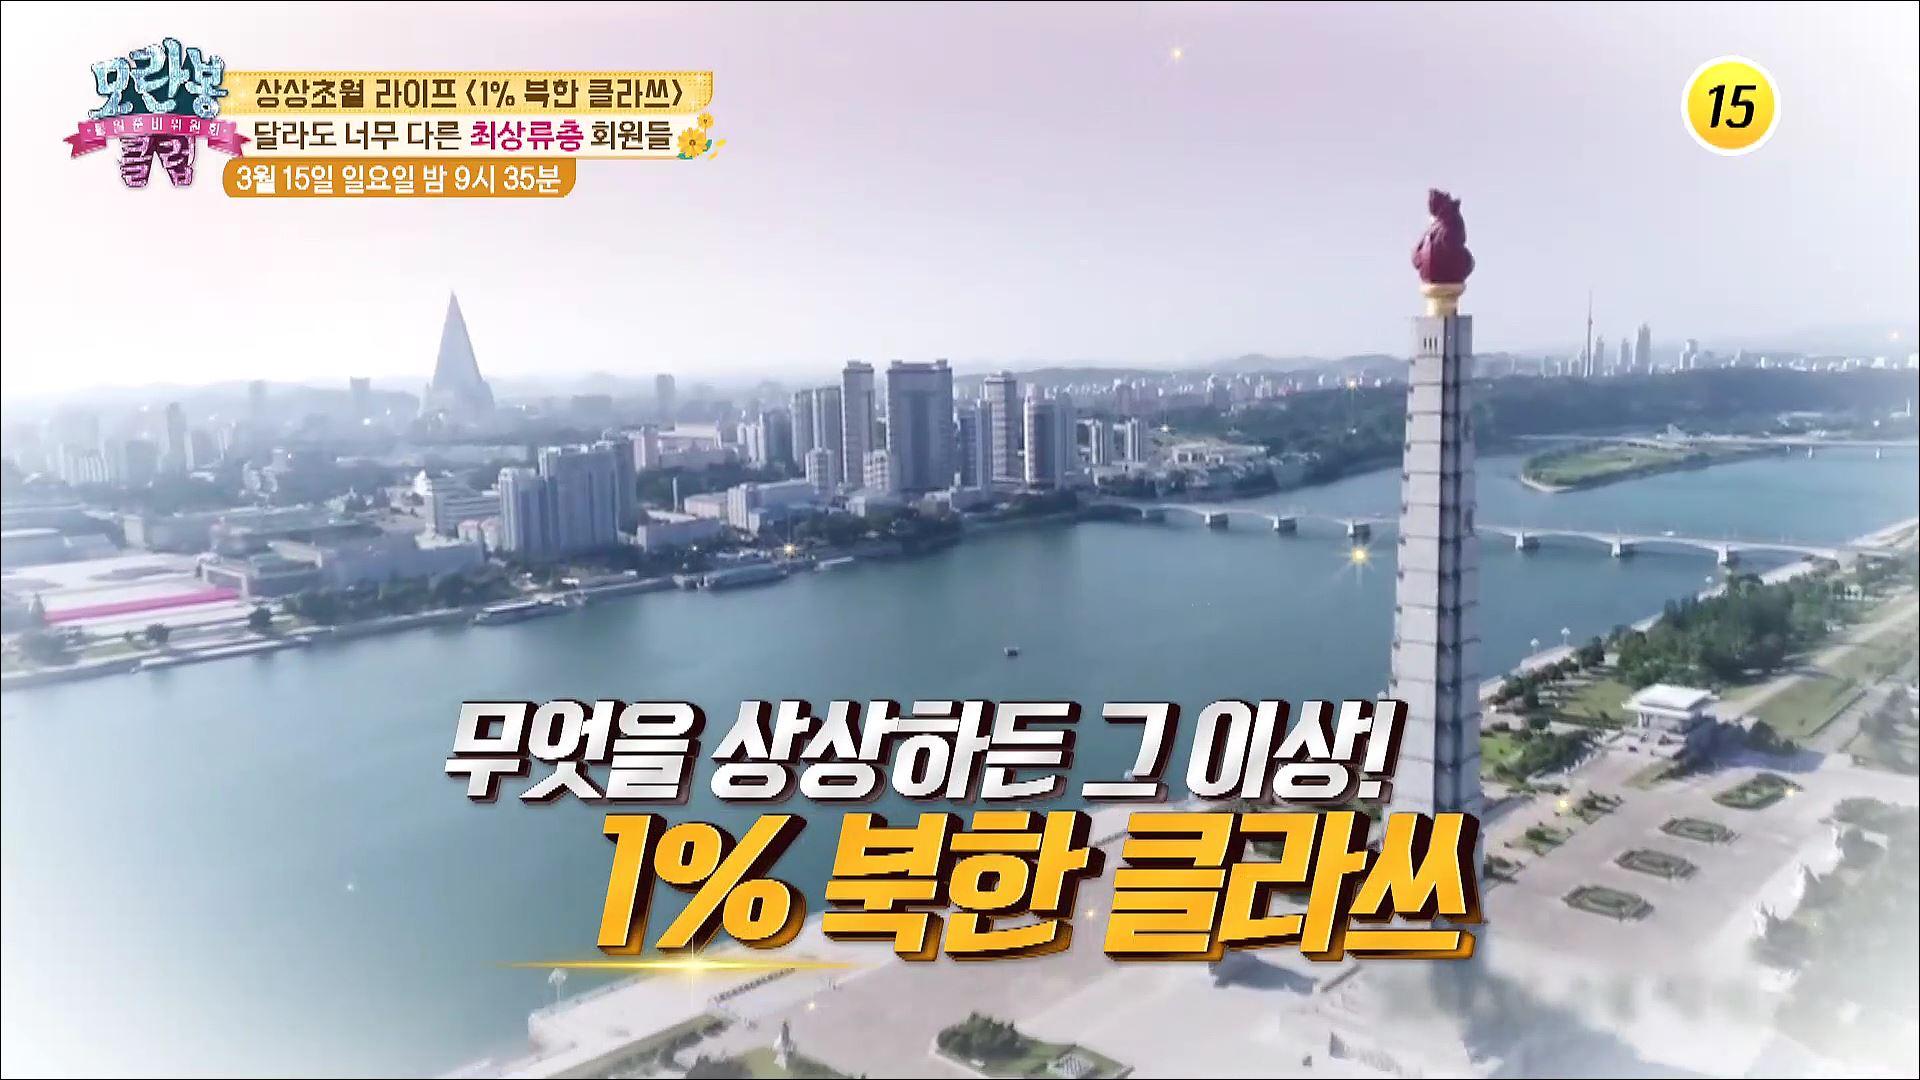 상상초월 라이프, 1% 북한 클라쓰_모란봉 클럽 230회 예고 이미지